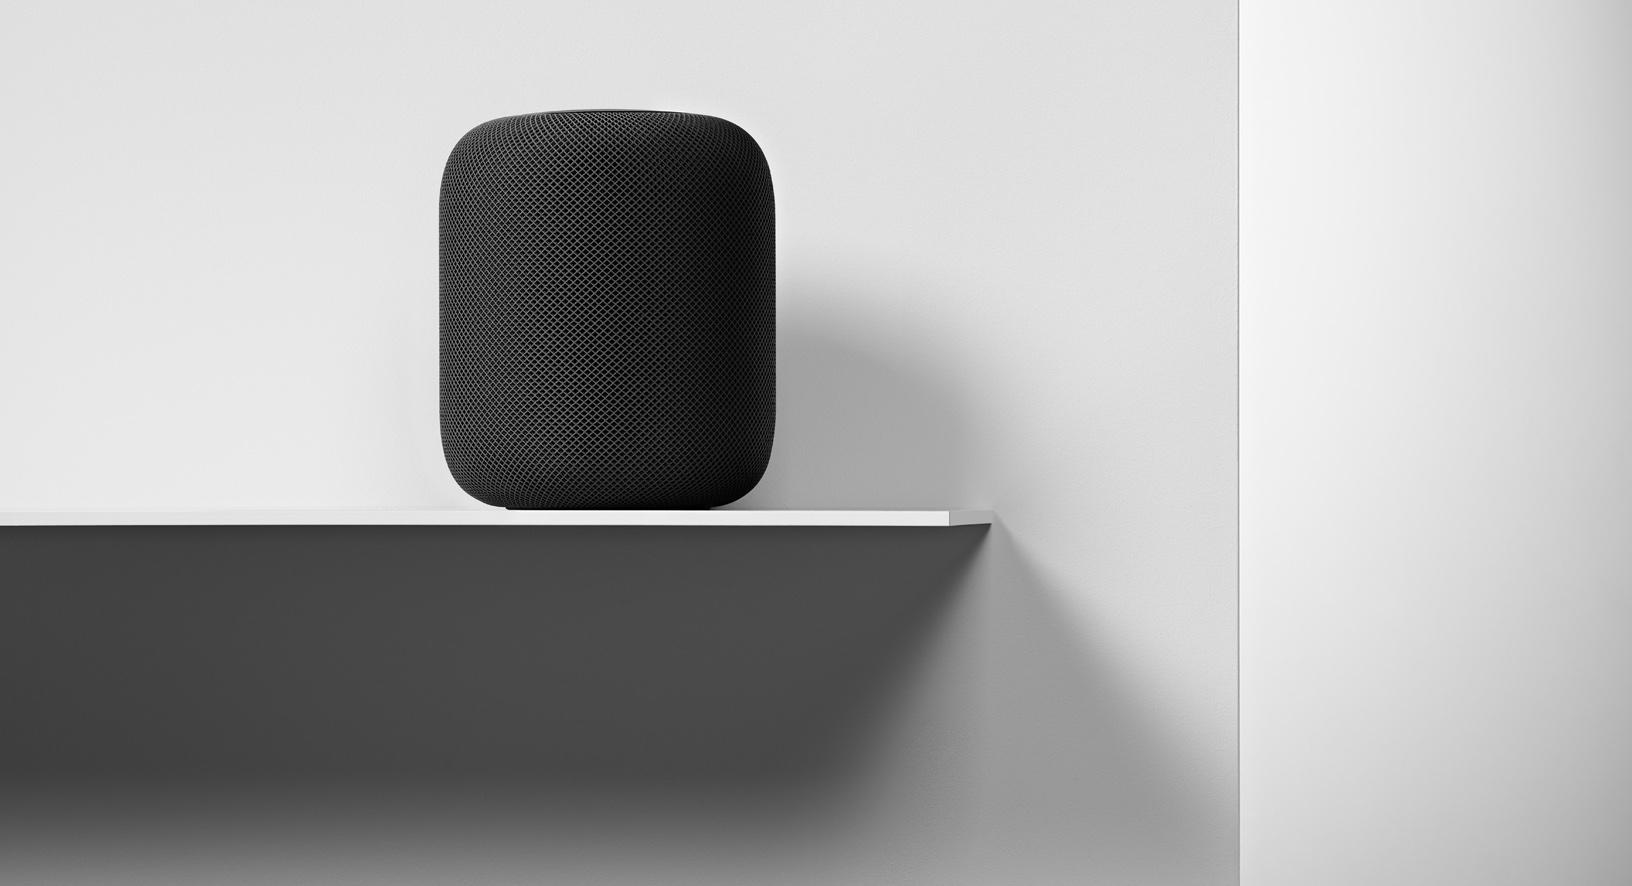 Apple поведала, скакими музыкальными сервисами работает HomePod